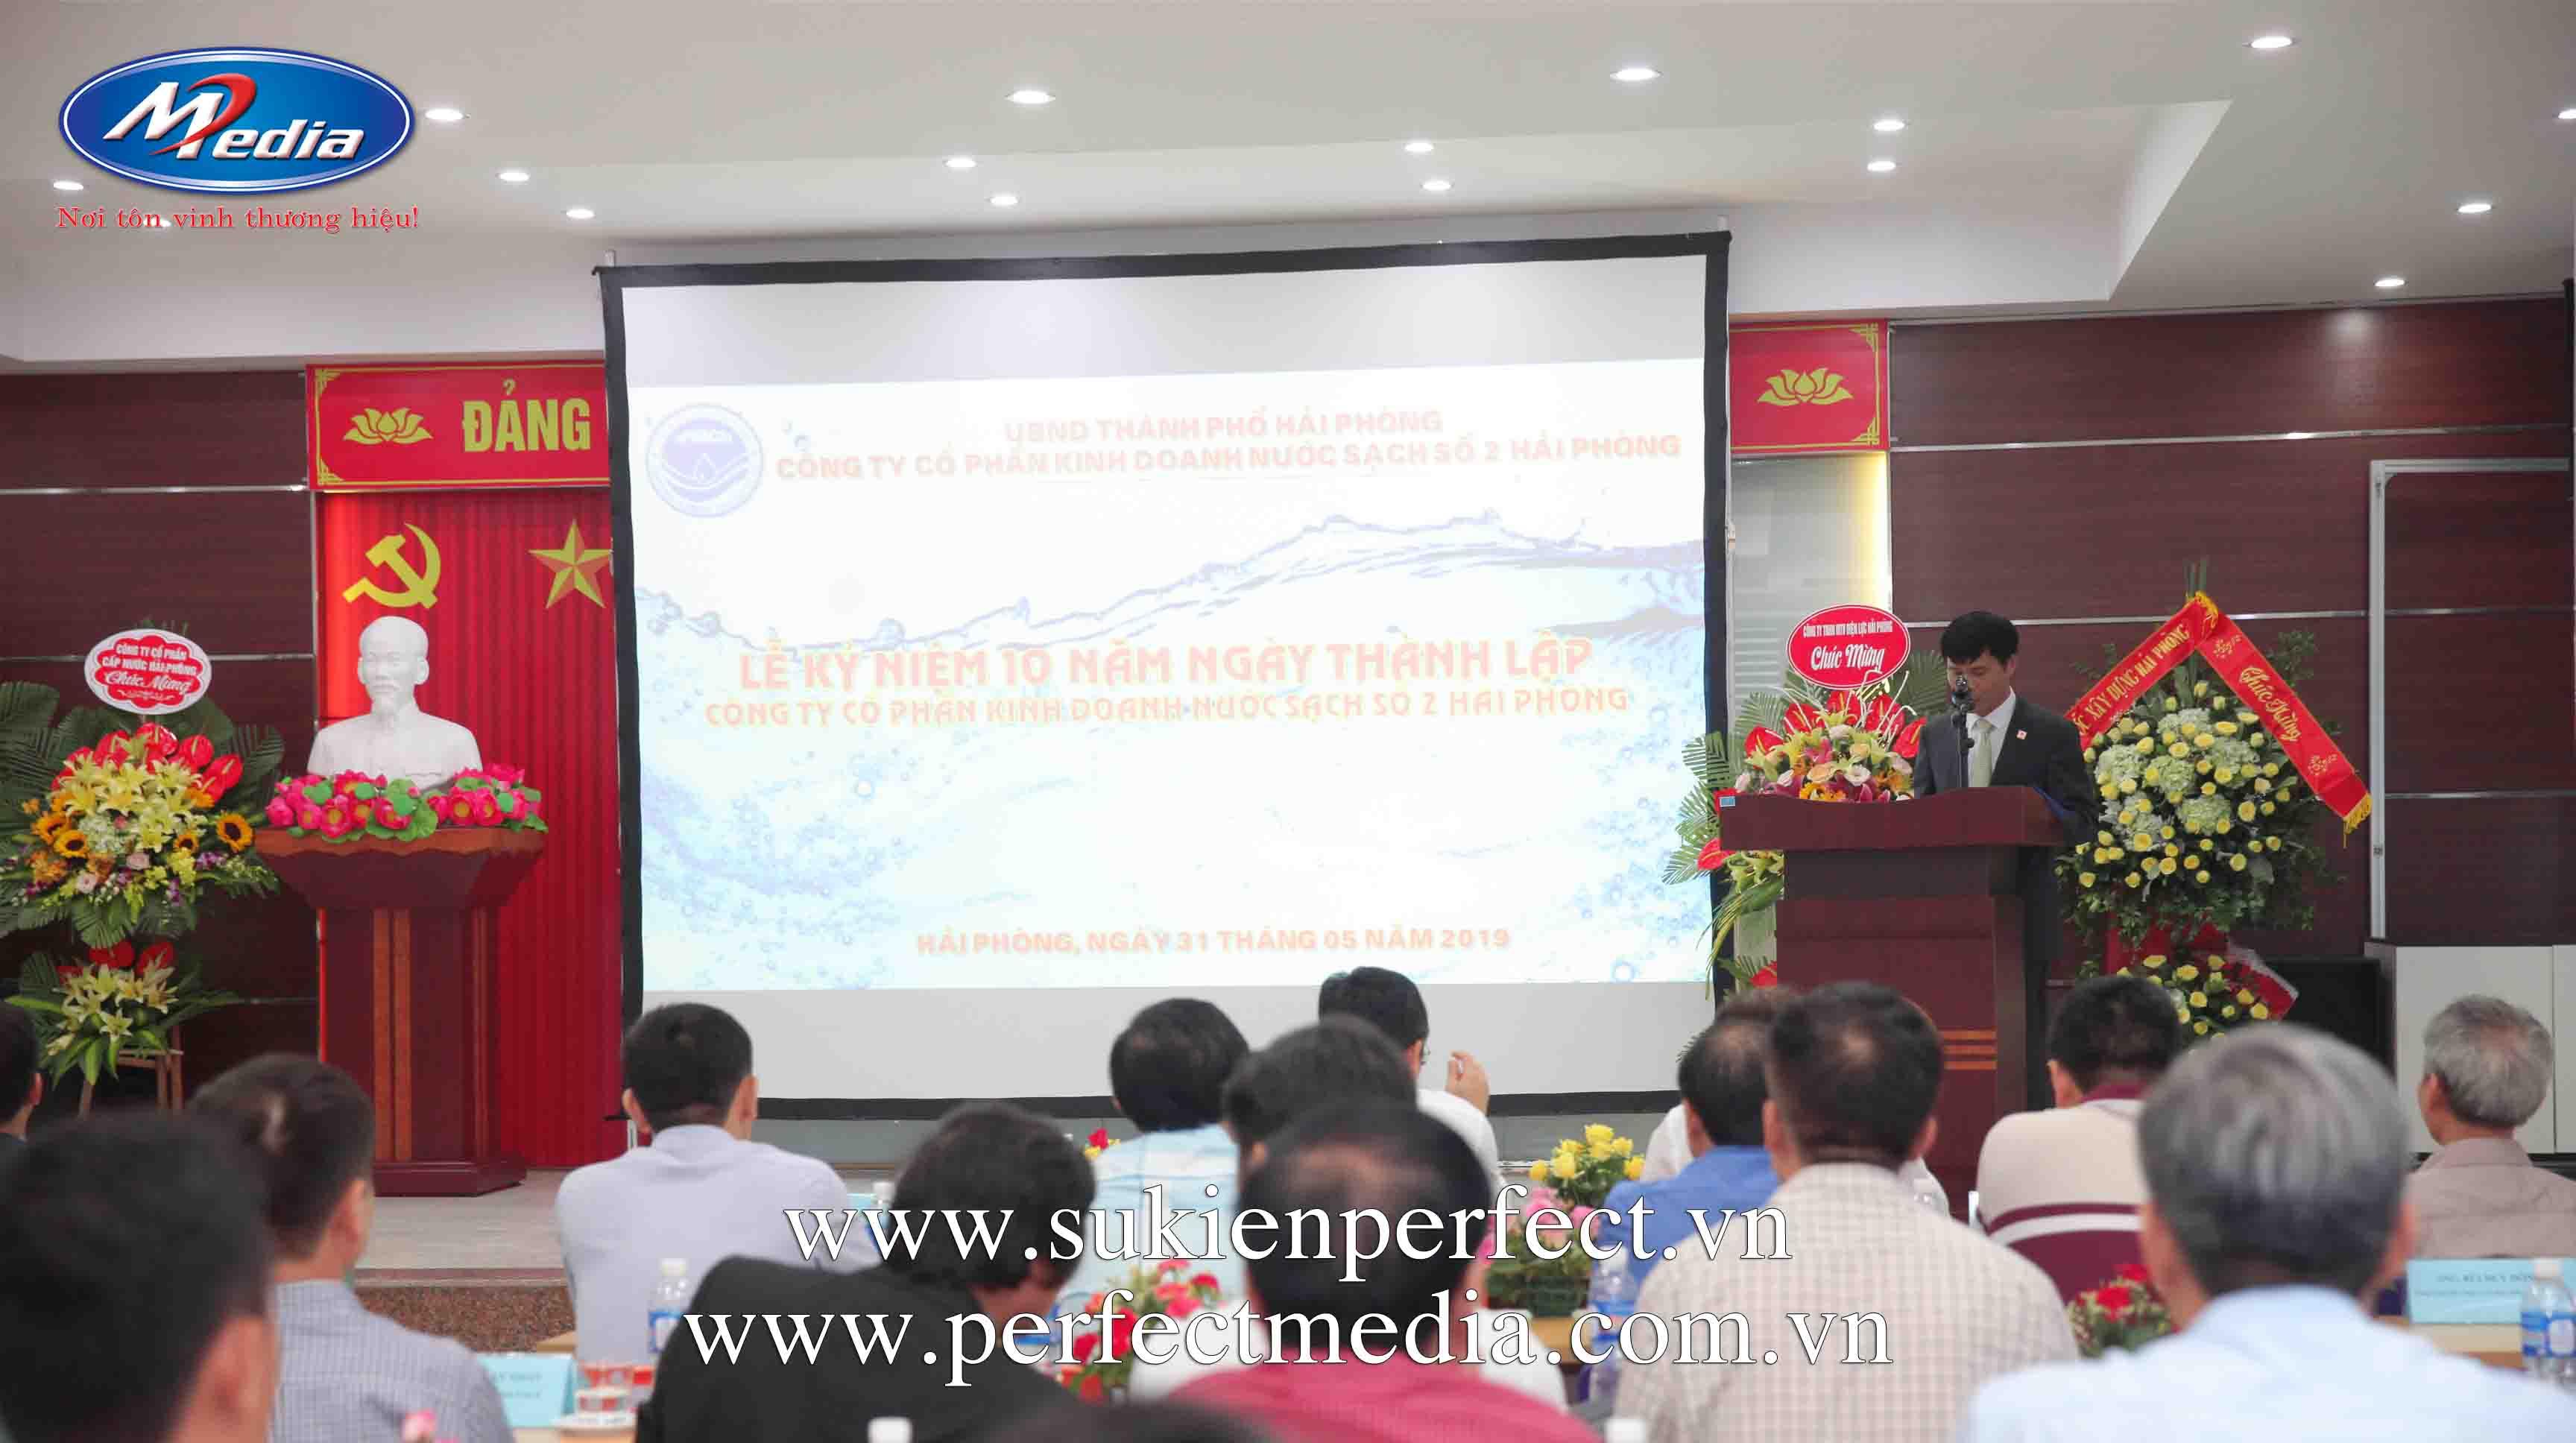 Lễ kỷ niệm 10 năm thành lập công ty Nước sạch số 2 Hải Phòng9